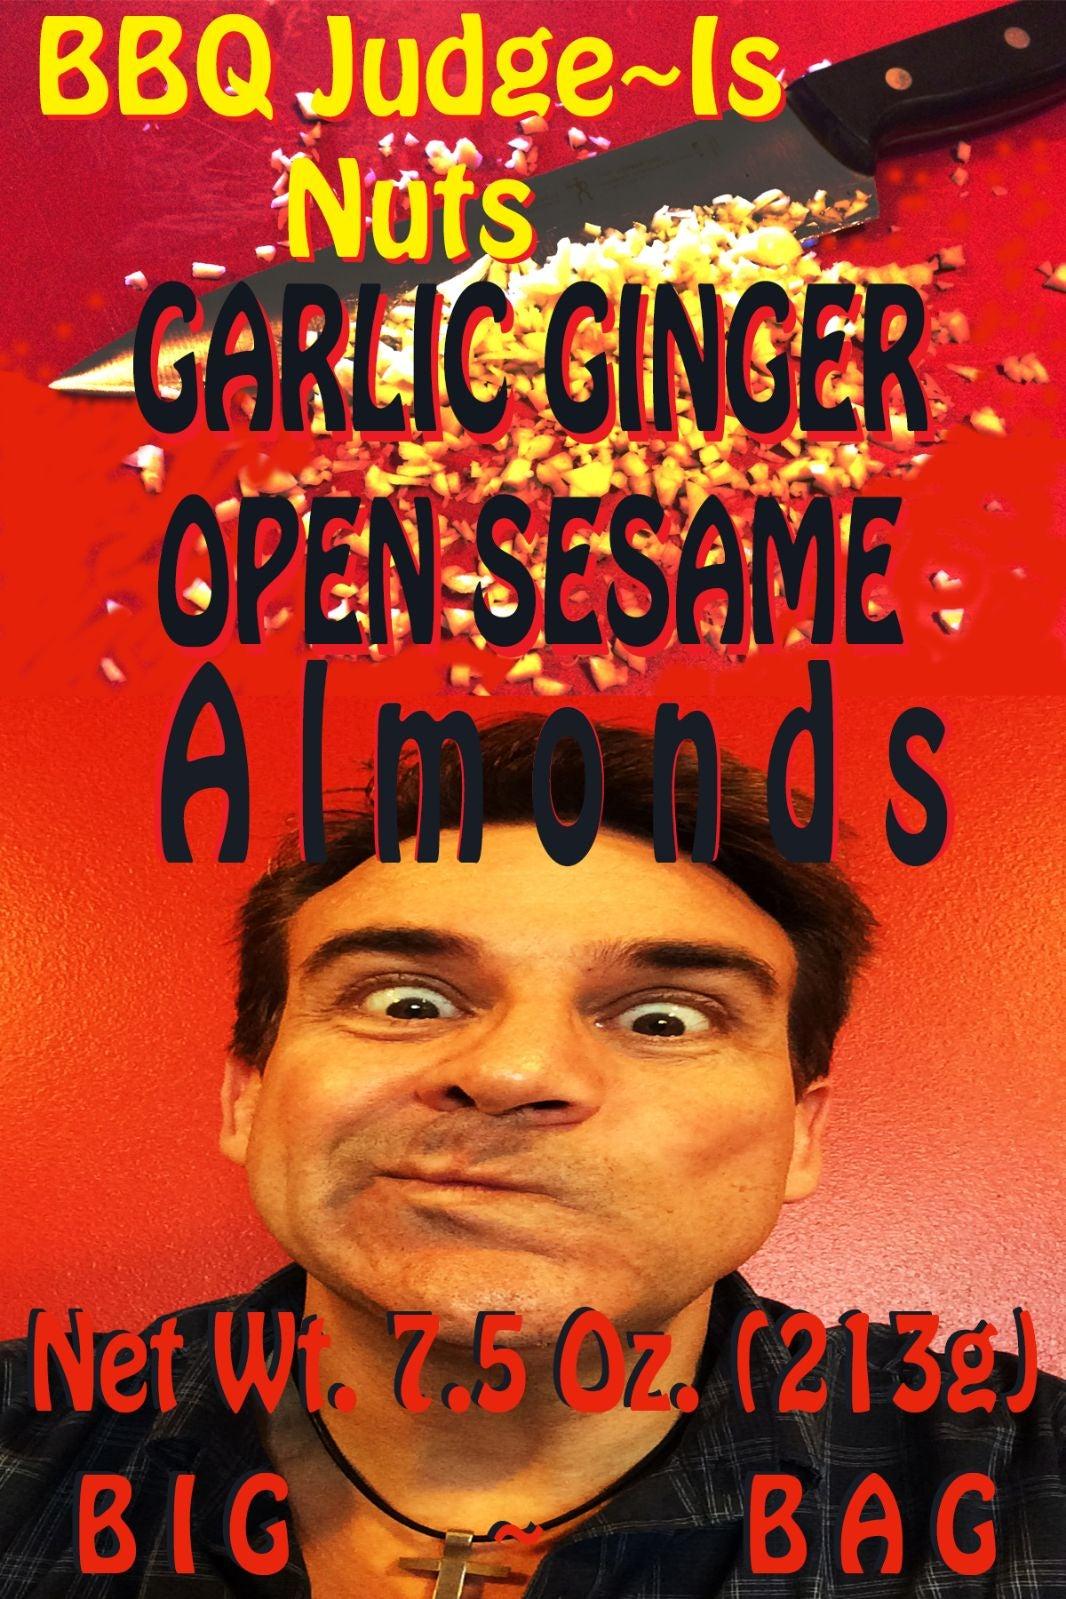 (2) 3oz bags of Garlic Ginger Open Sesam